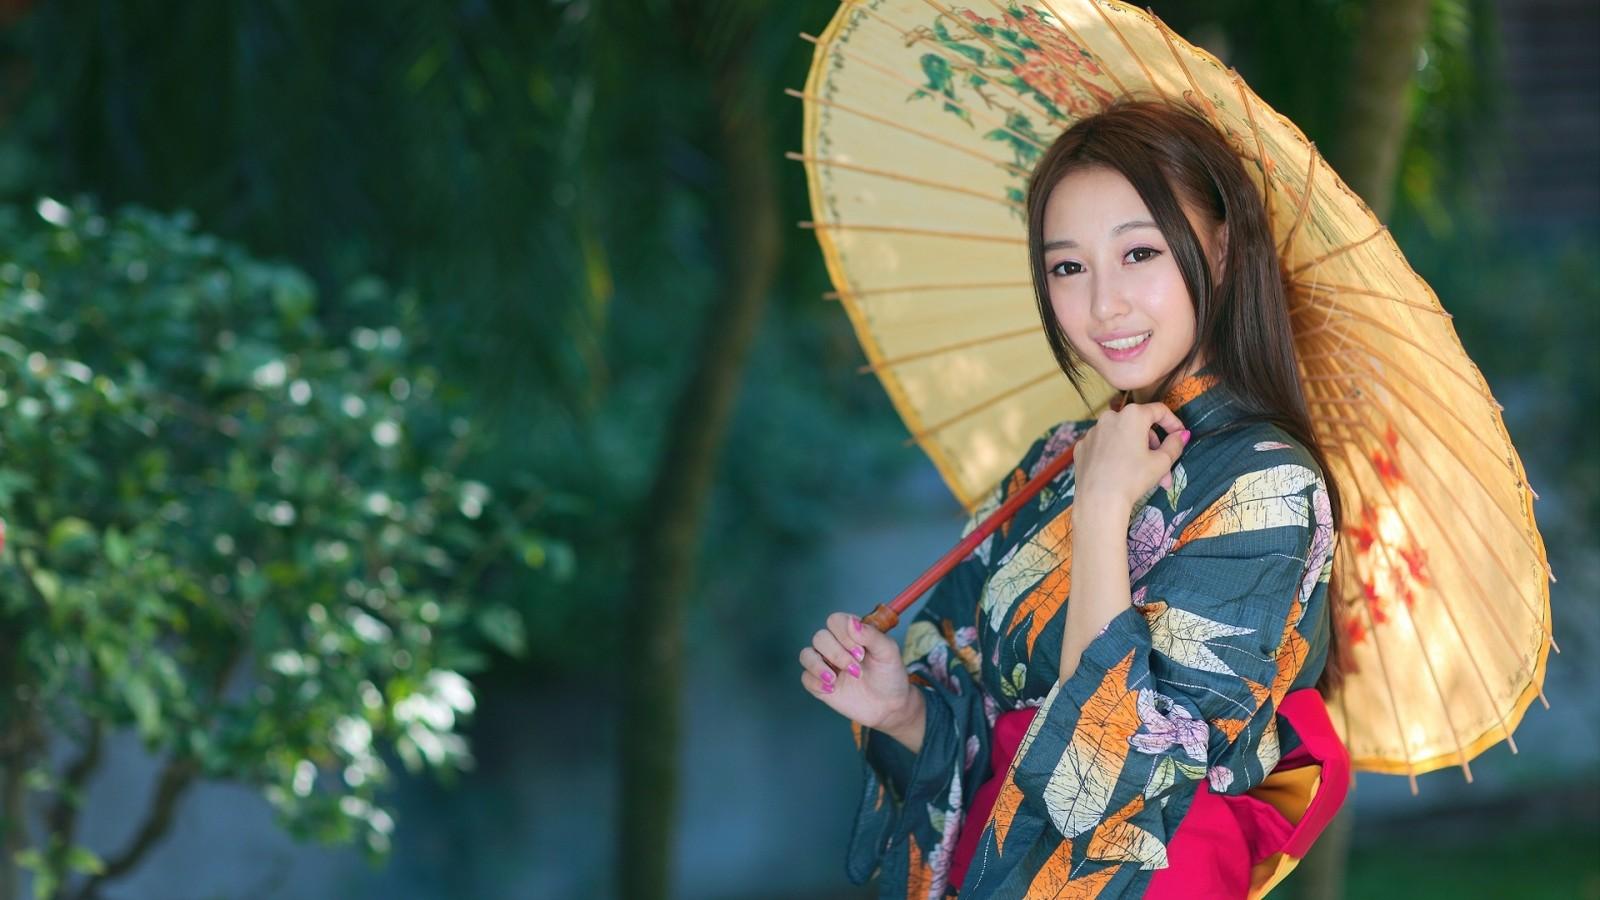 Фото открытых у японок, Красивые обнаженные японки (38 фото) 5 фотография